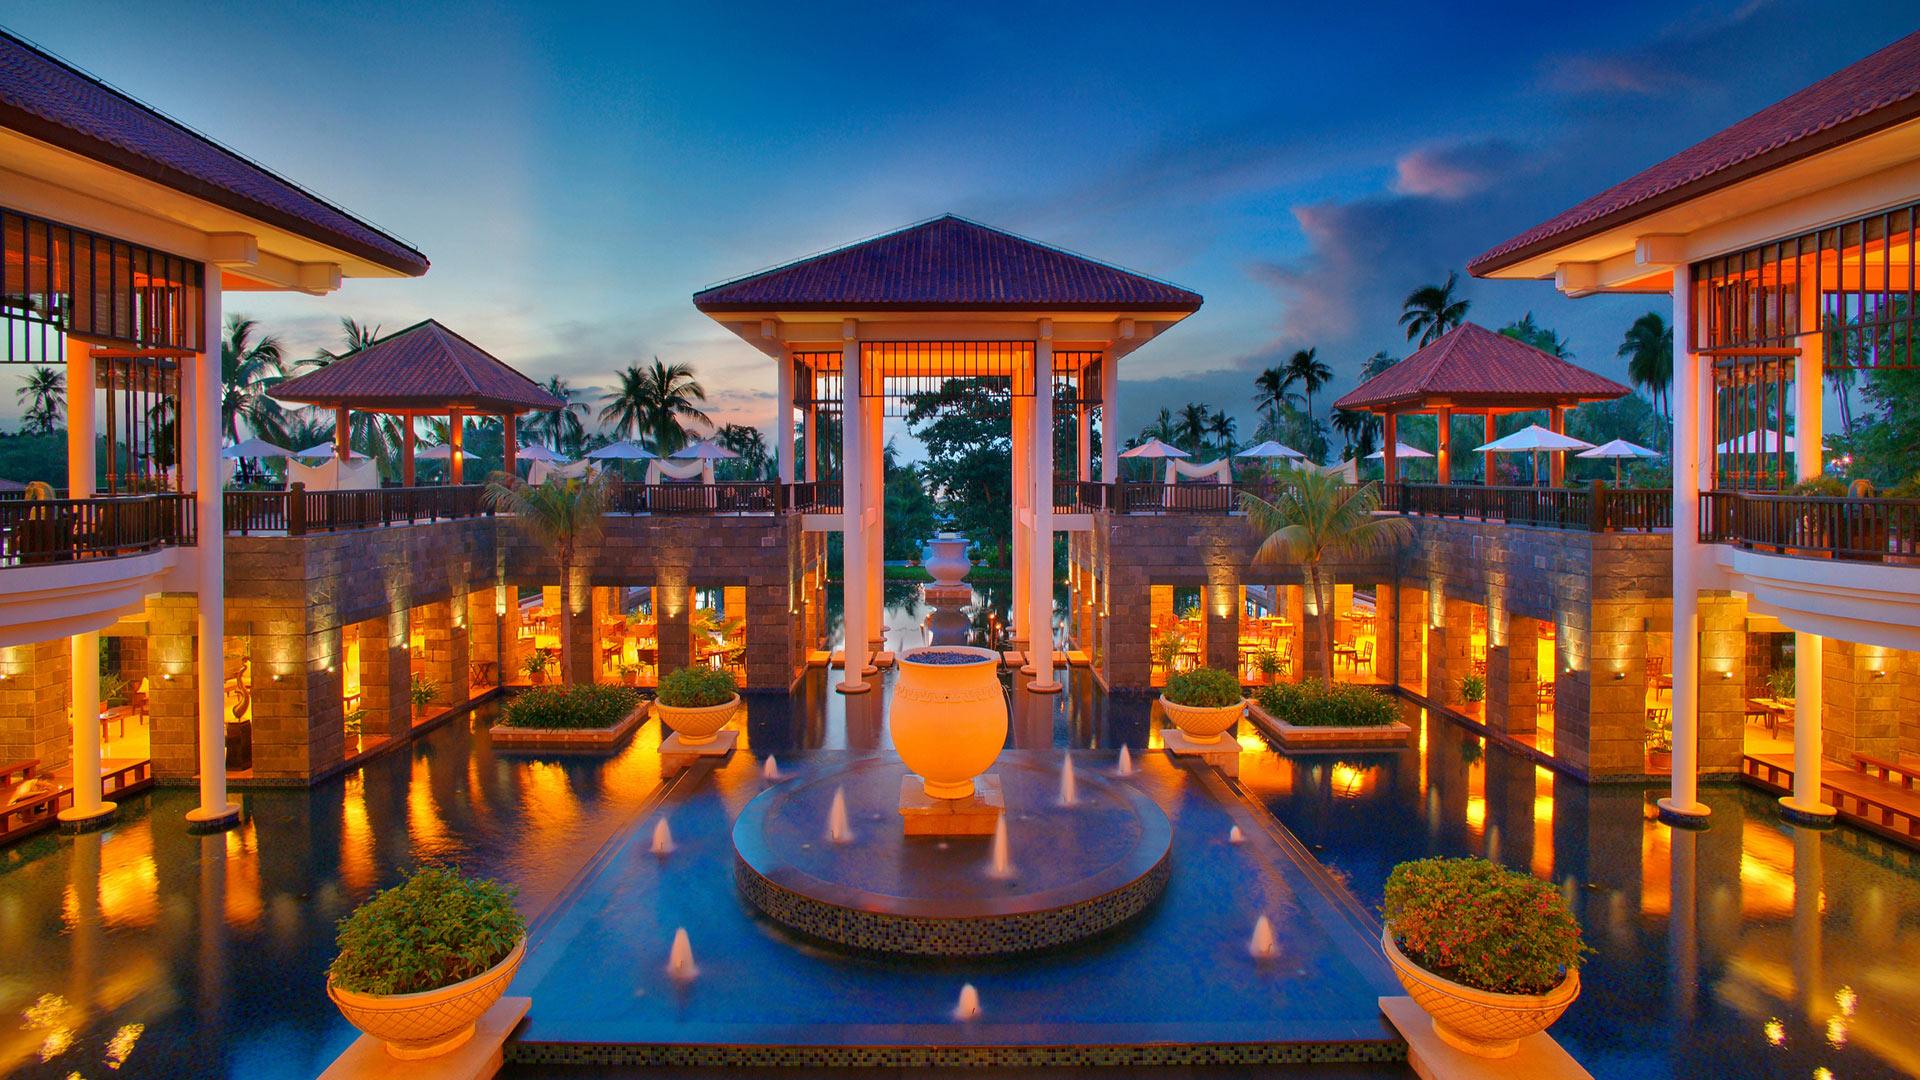 【海南三亚】三亚悦榕庄酒店 东方夏威夷静候尊驾